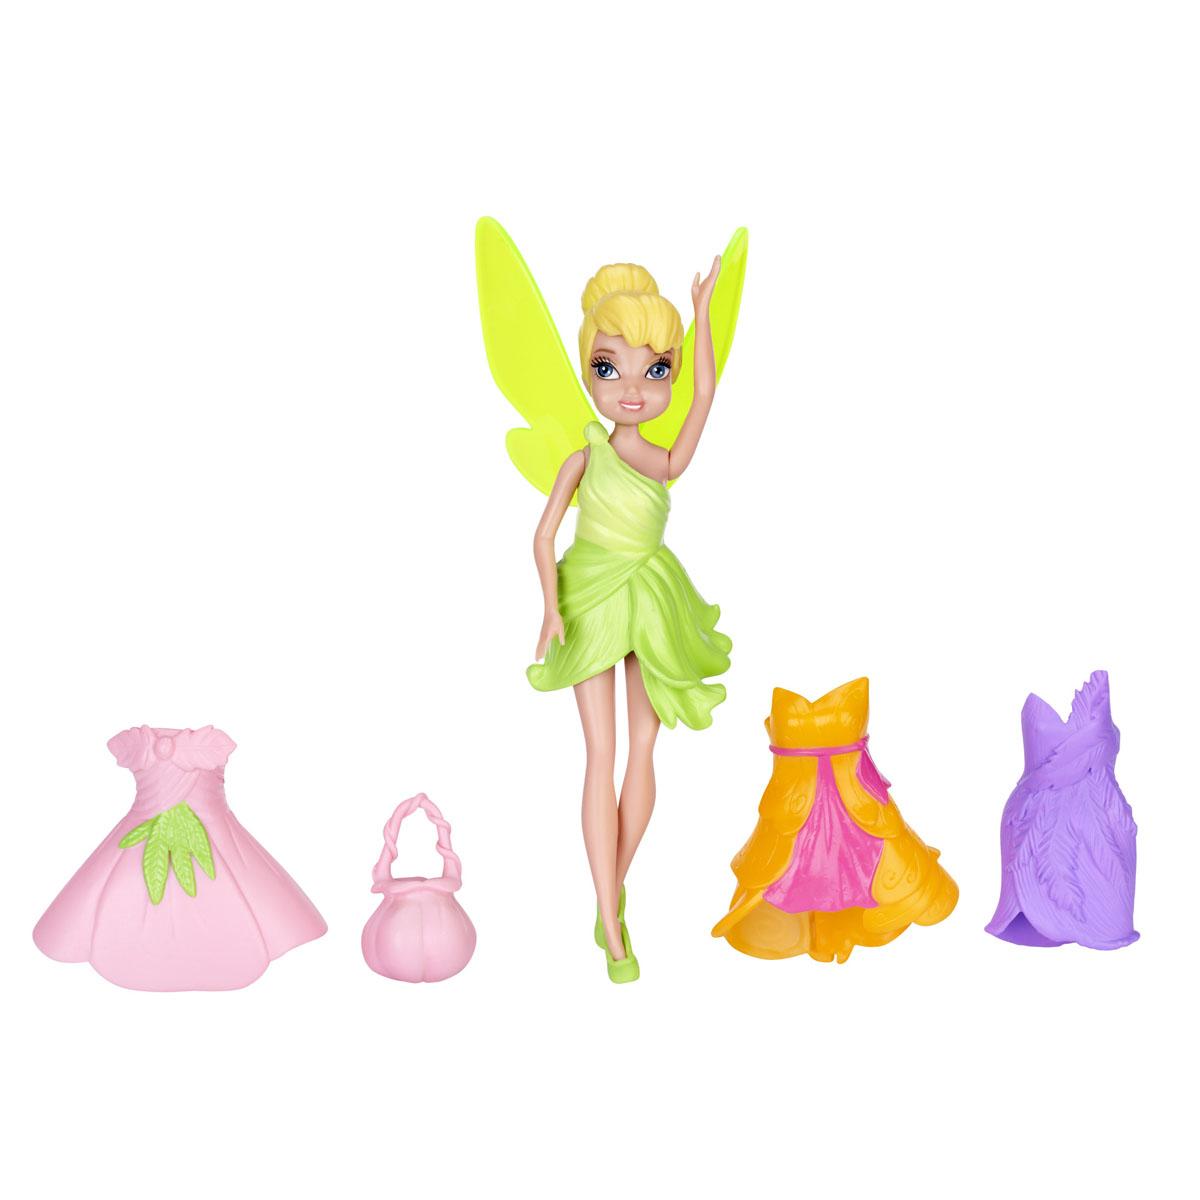 Disney Fairies Мини-кукла Pirate Fairy Tinker Bell disney fairies мини кукла pirate fairy tinker bell